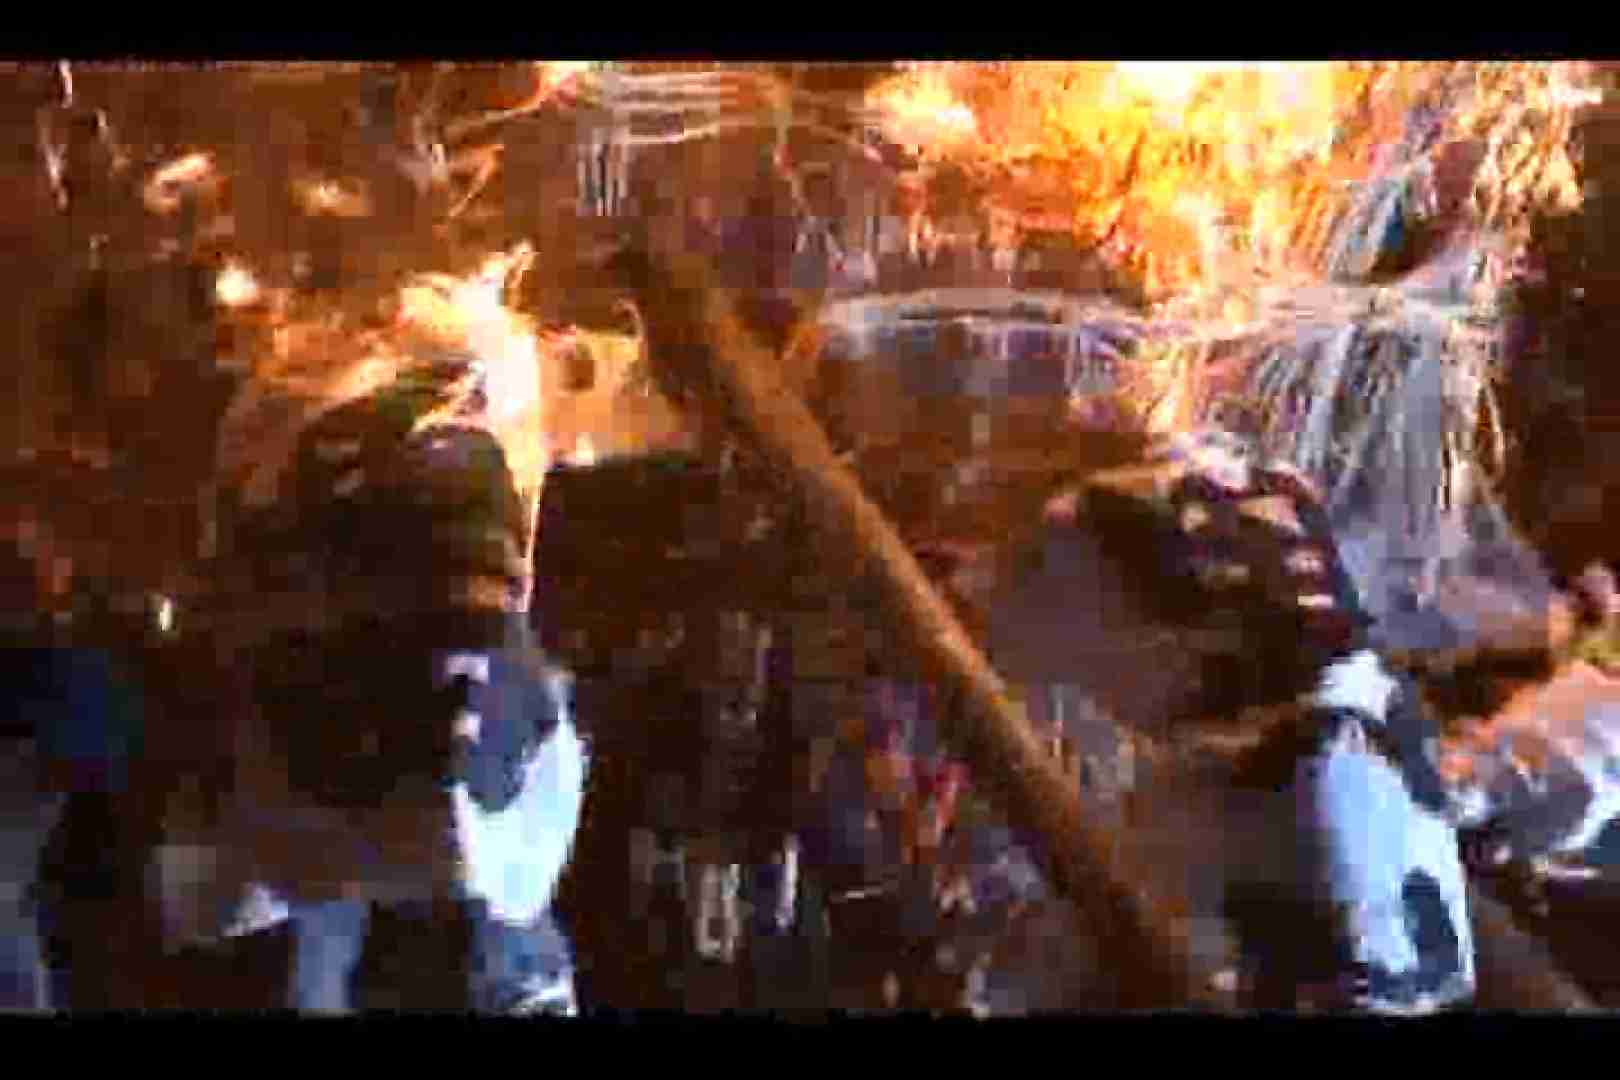 鳥羽の火祭り 3000K!高画質バージョンVOL.03 念願の完全無修正 | ノンケ  82連発 41